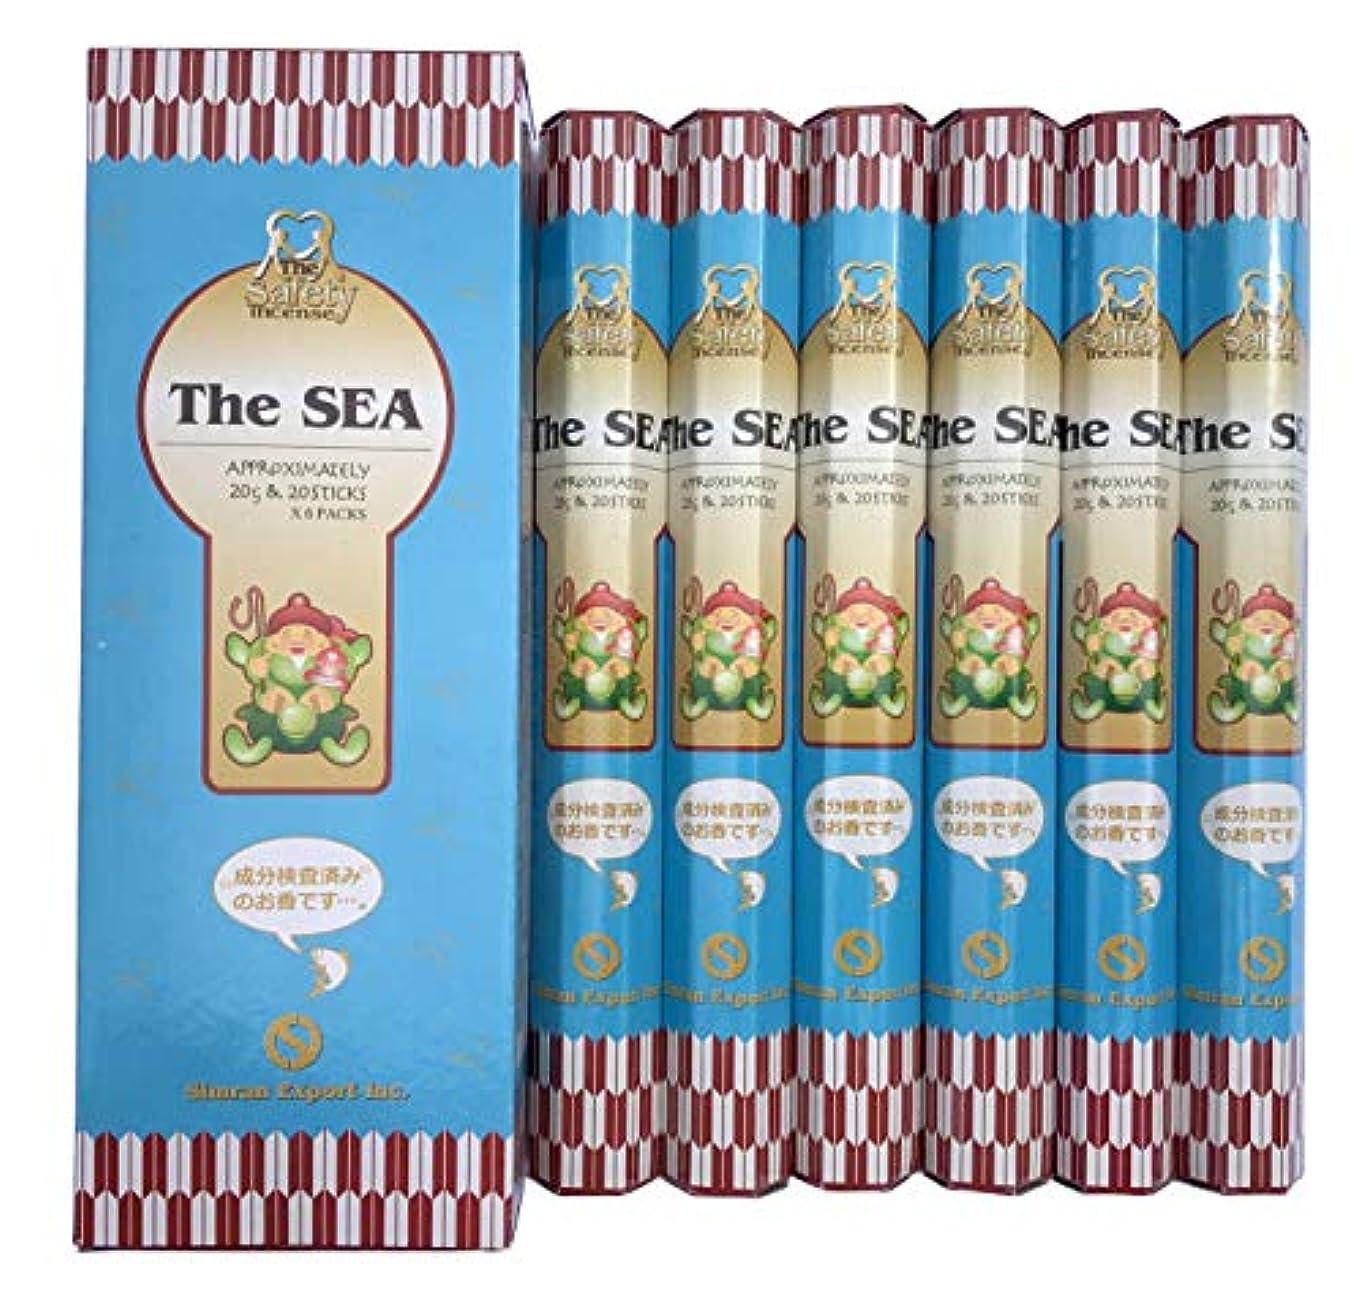 砲撃企業主張するインド香 The SEA ザ?シー 潮風の香り スティック 6個セット シムラン社 成分検査済み